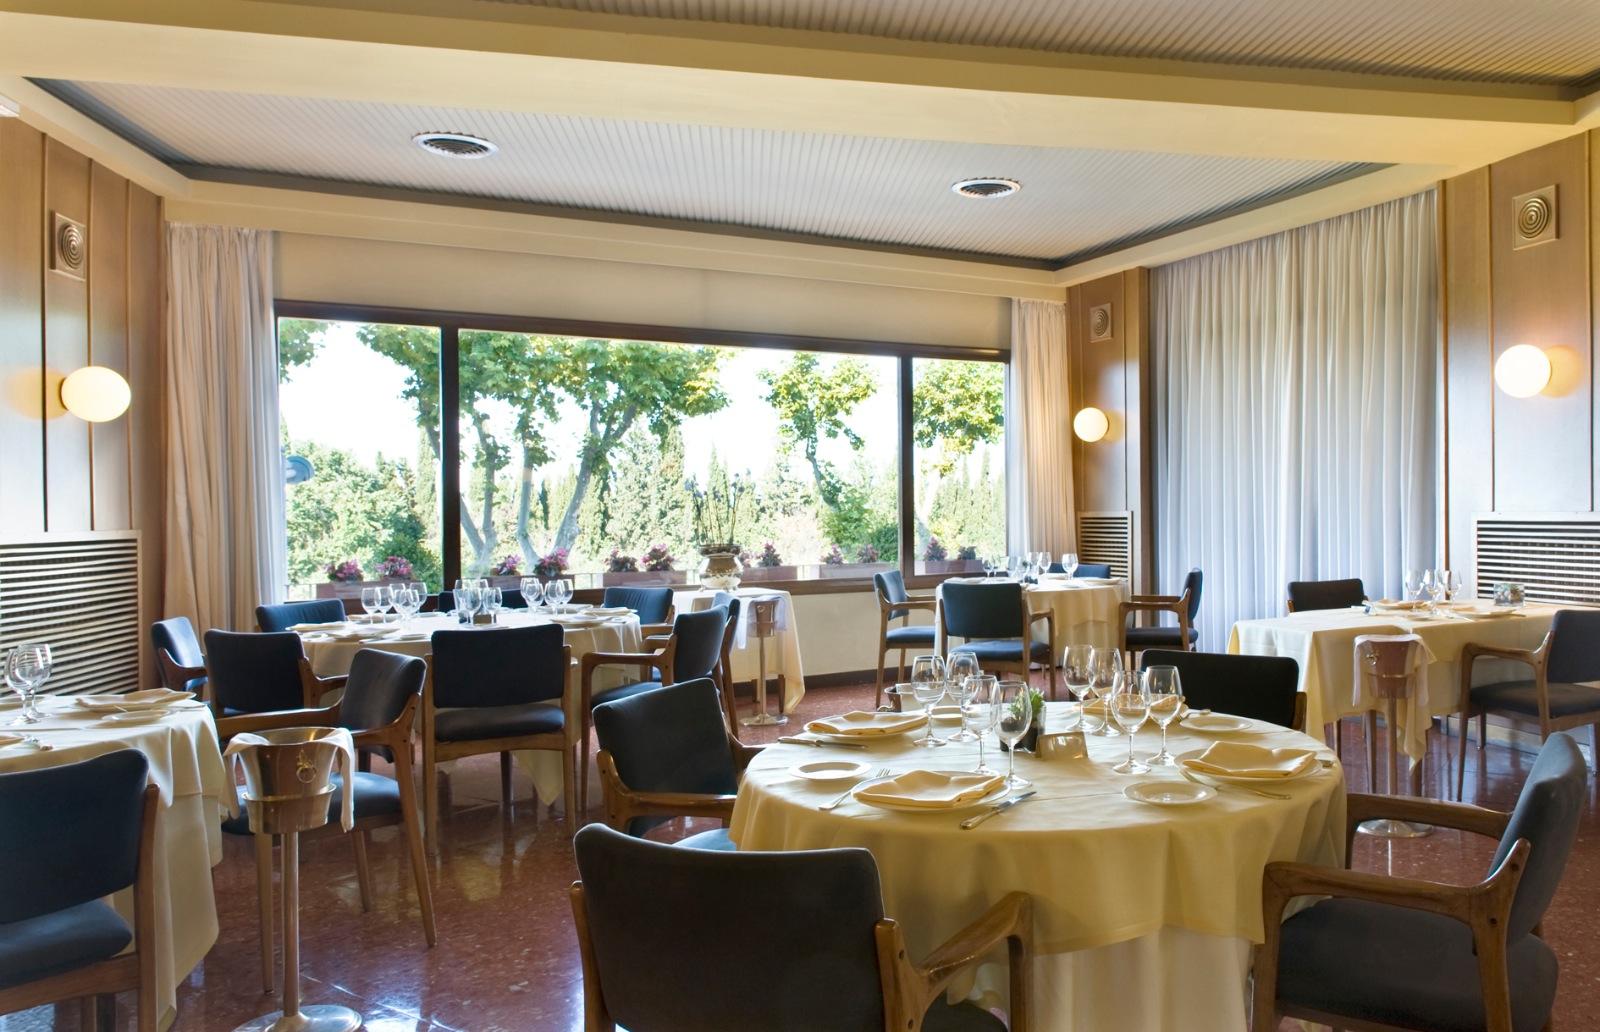 Fotos del hotel - HOTEL EMPORDÀ